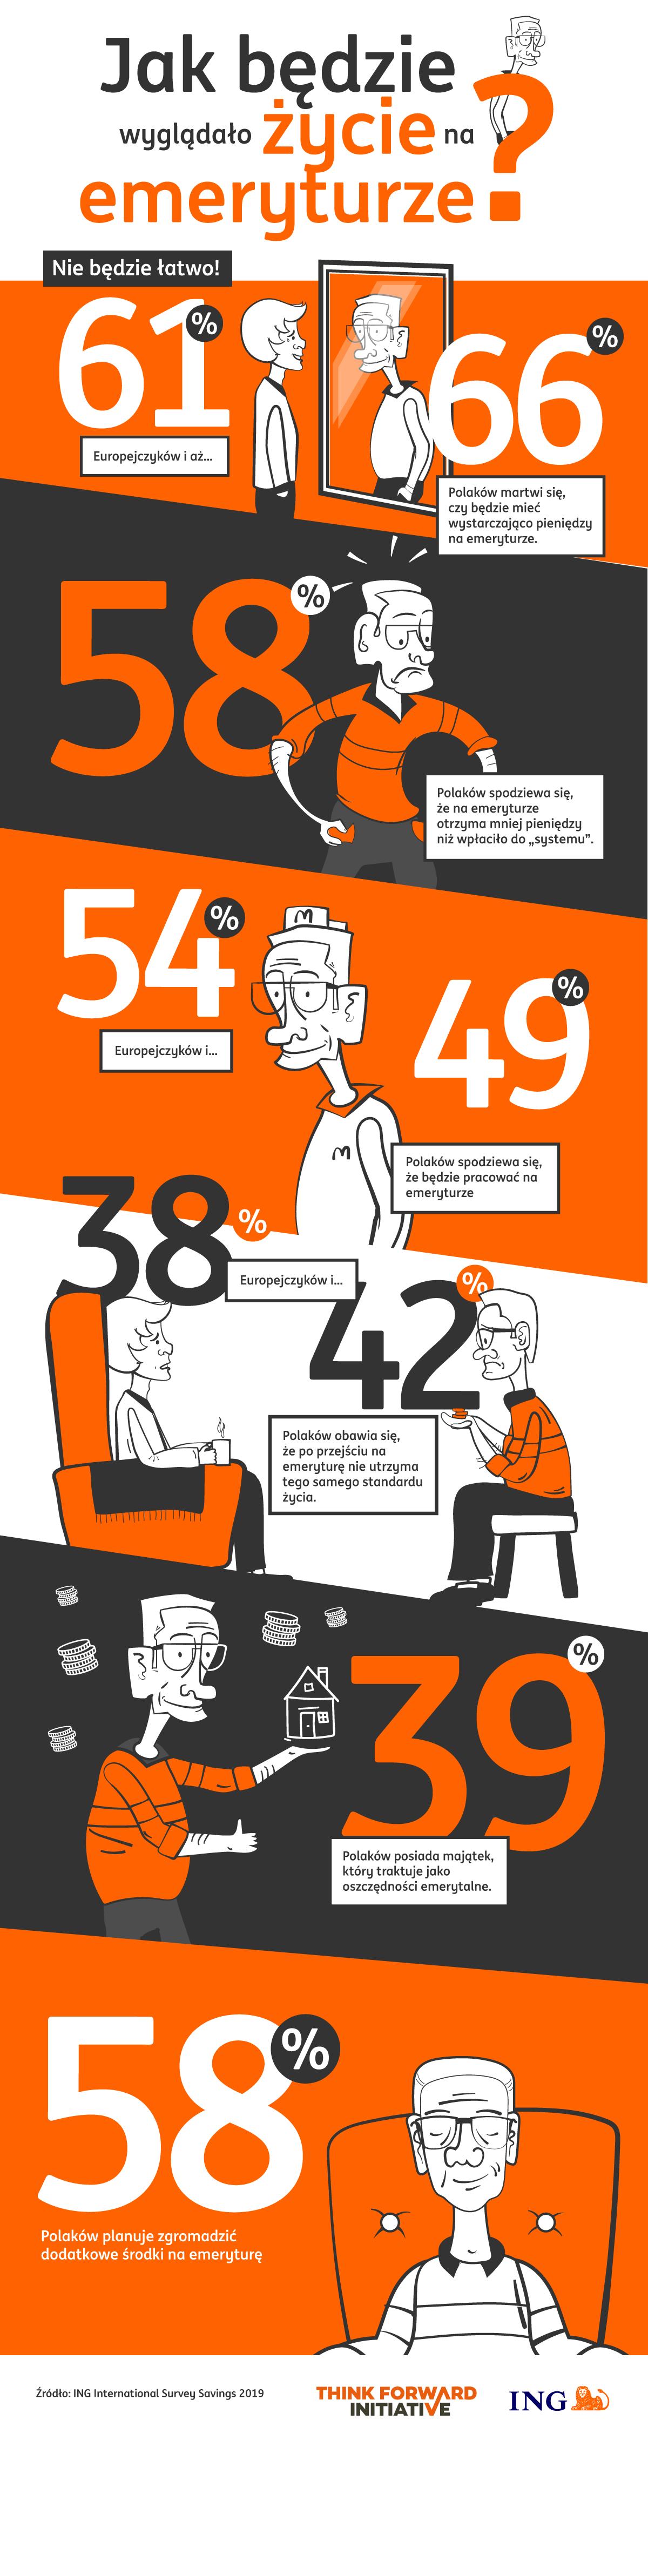 ING - infografika Jak będzie wyglądało życie na emeryturze 2019-04-25 ver1.png